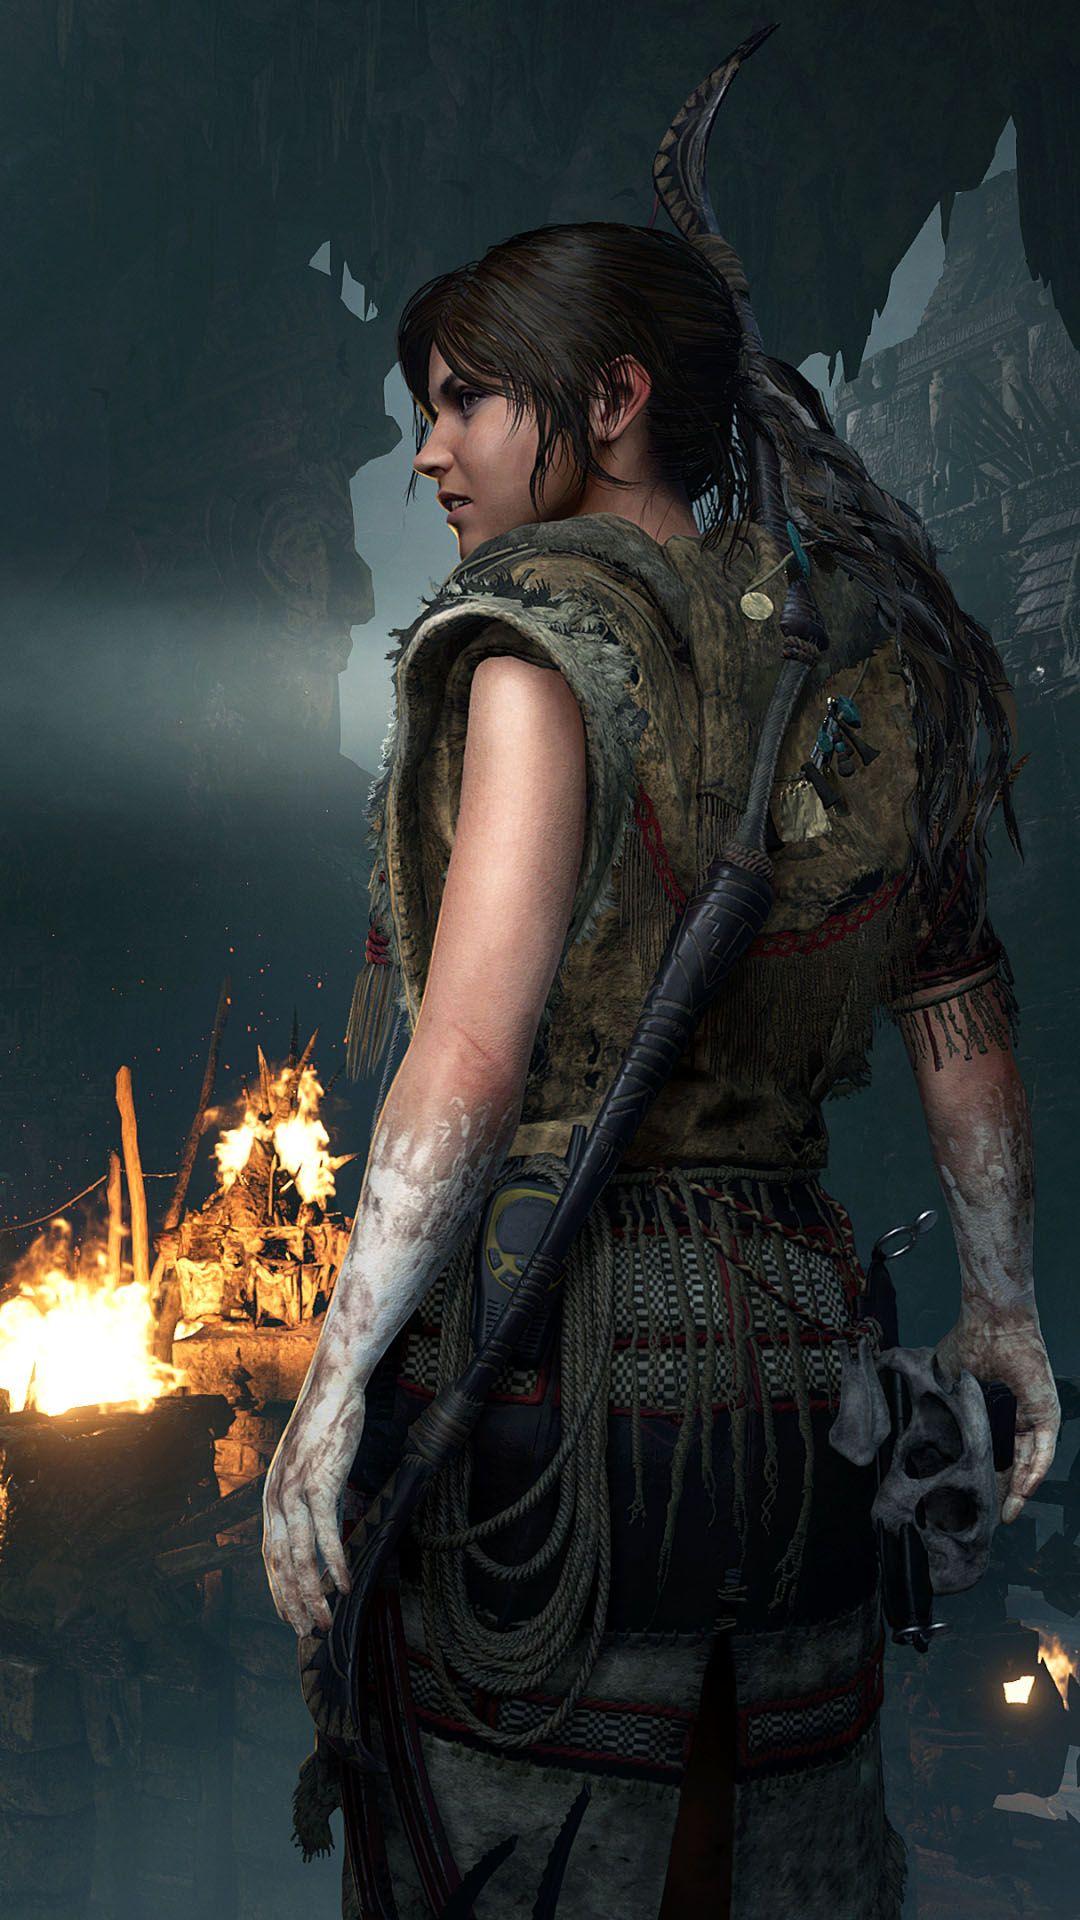 Lara Croft Lara Croft Tomb Raider Lara Croft Lara Croft Tomb